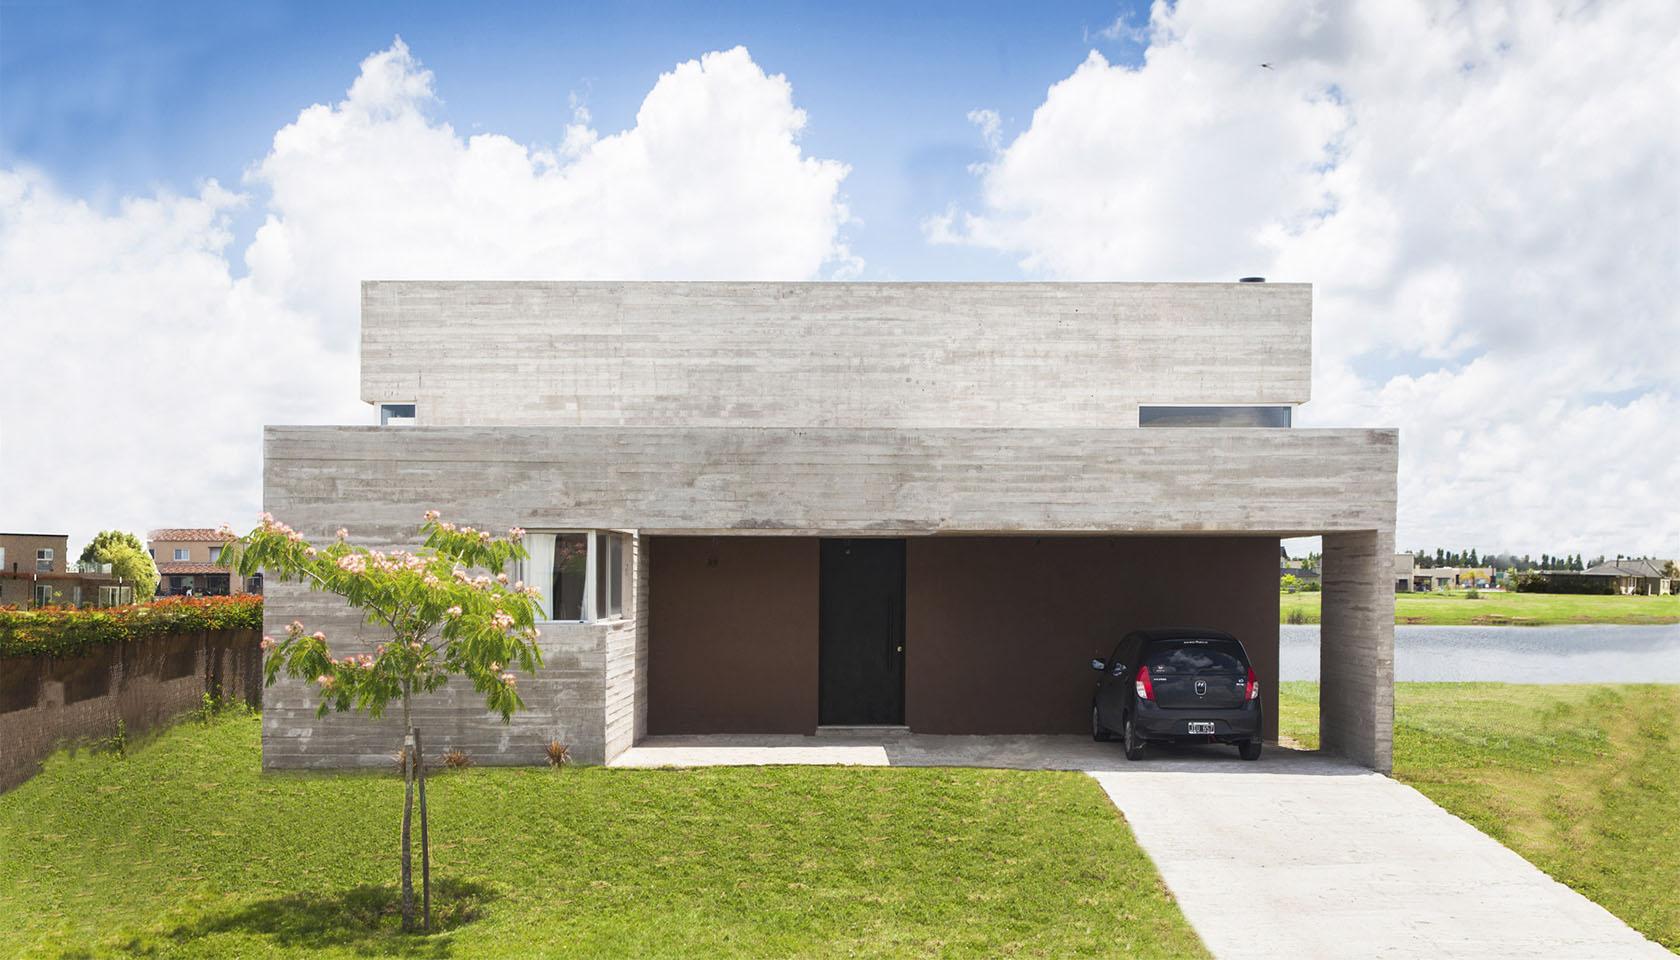 arquitectura contemporánea, cintas de hormigón